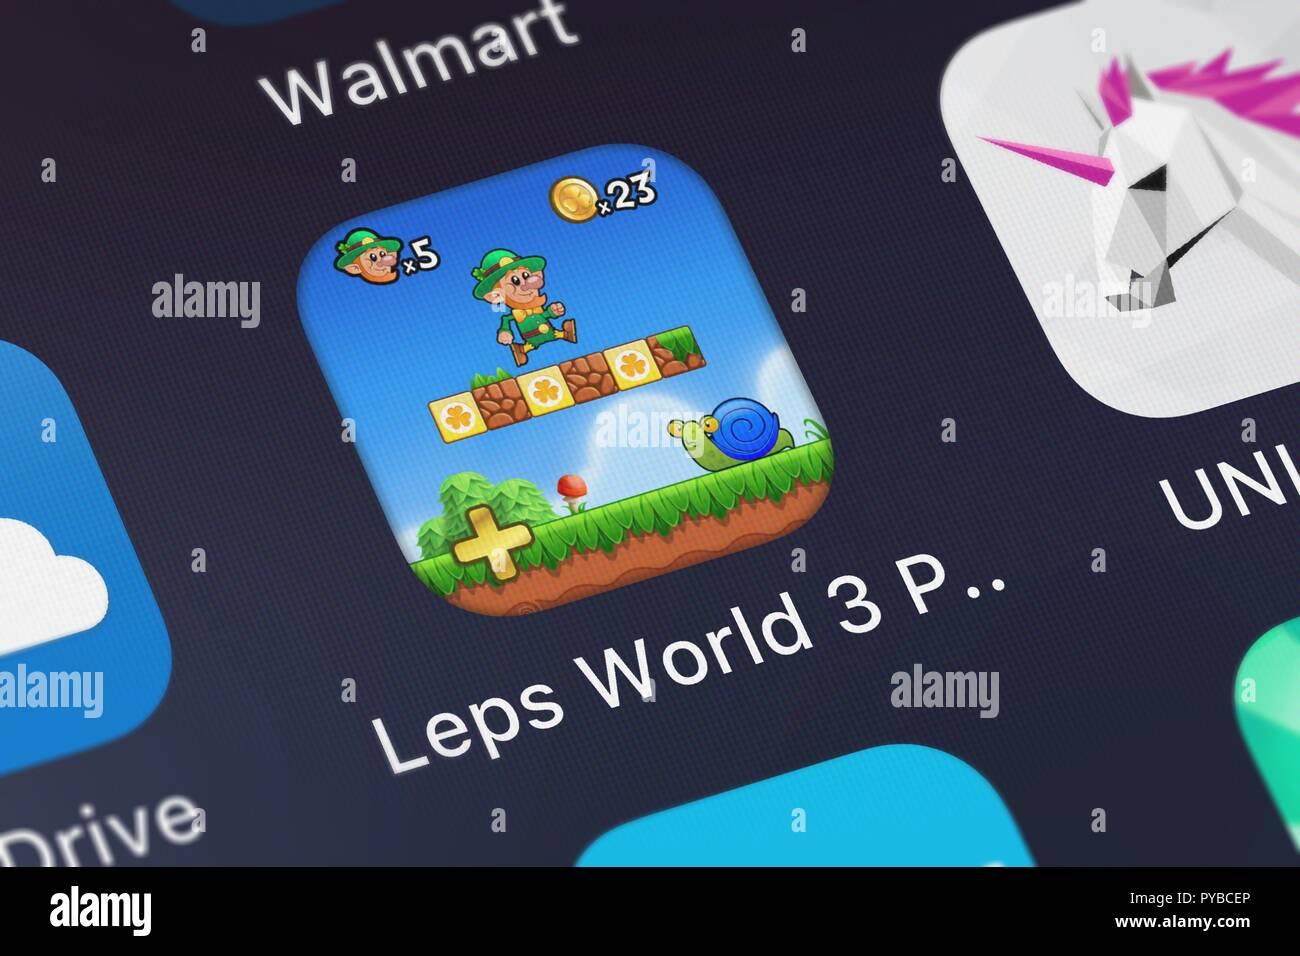 Leps World Plus Stock Photos Leps World Plus Stock Images Alamy